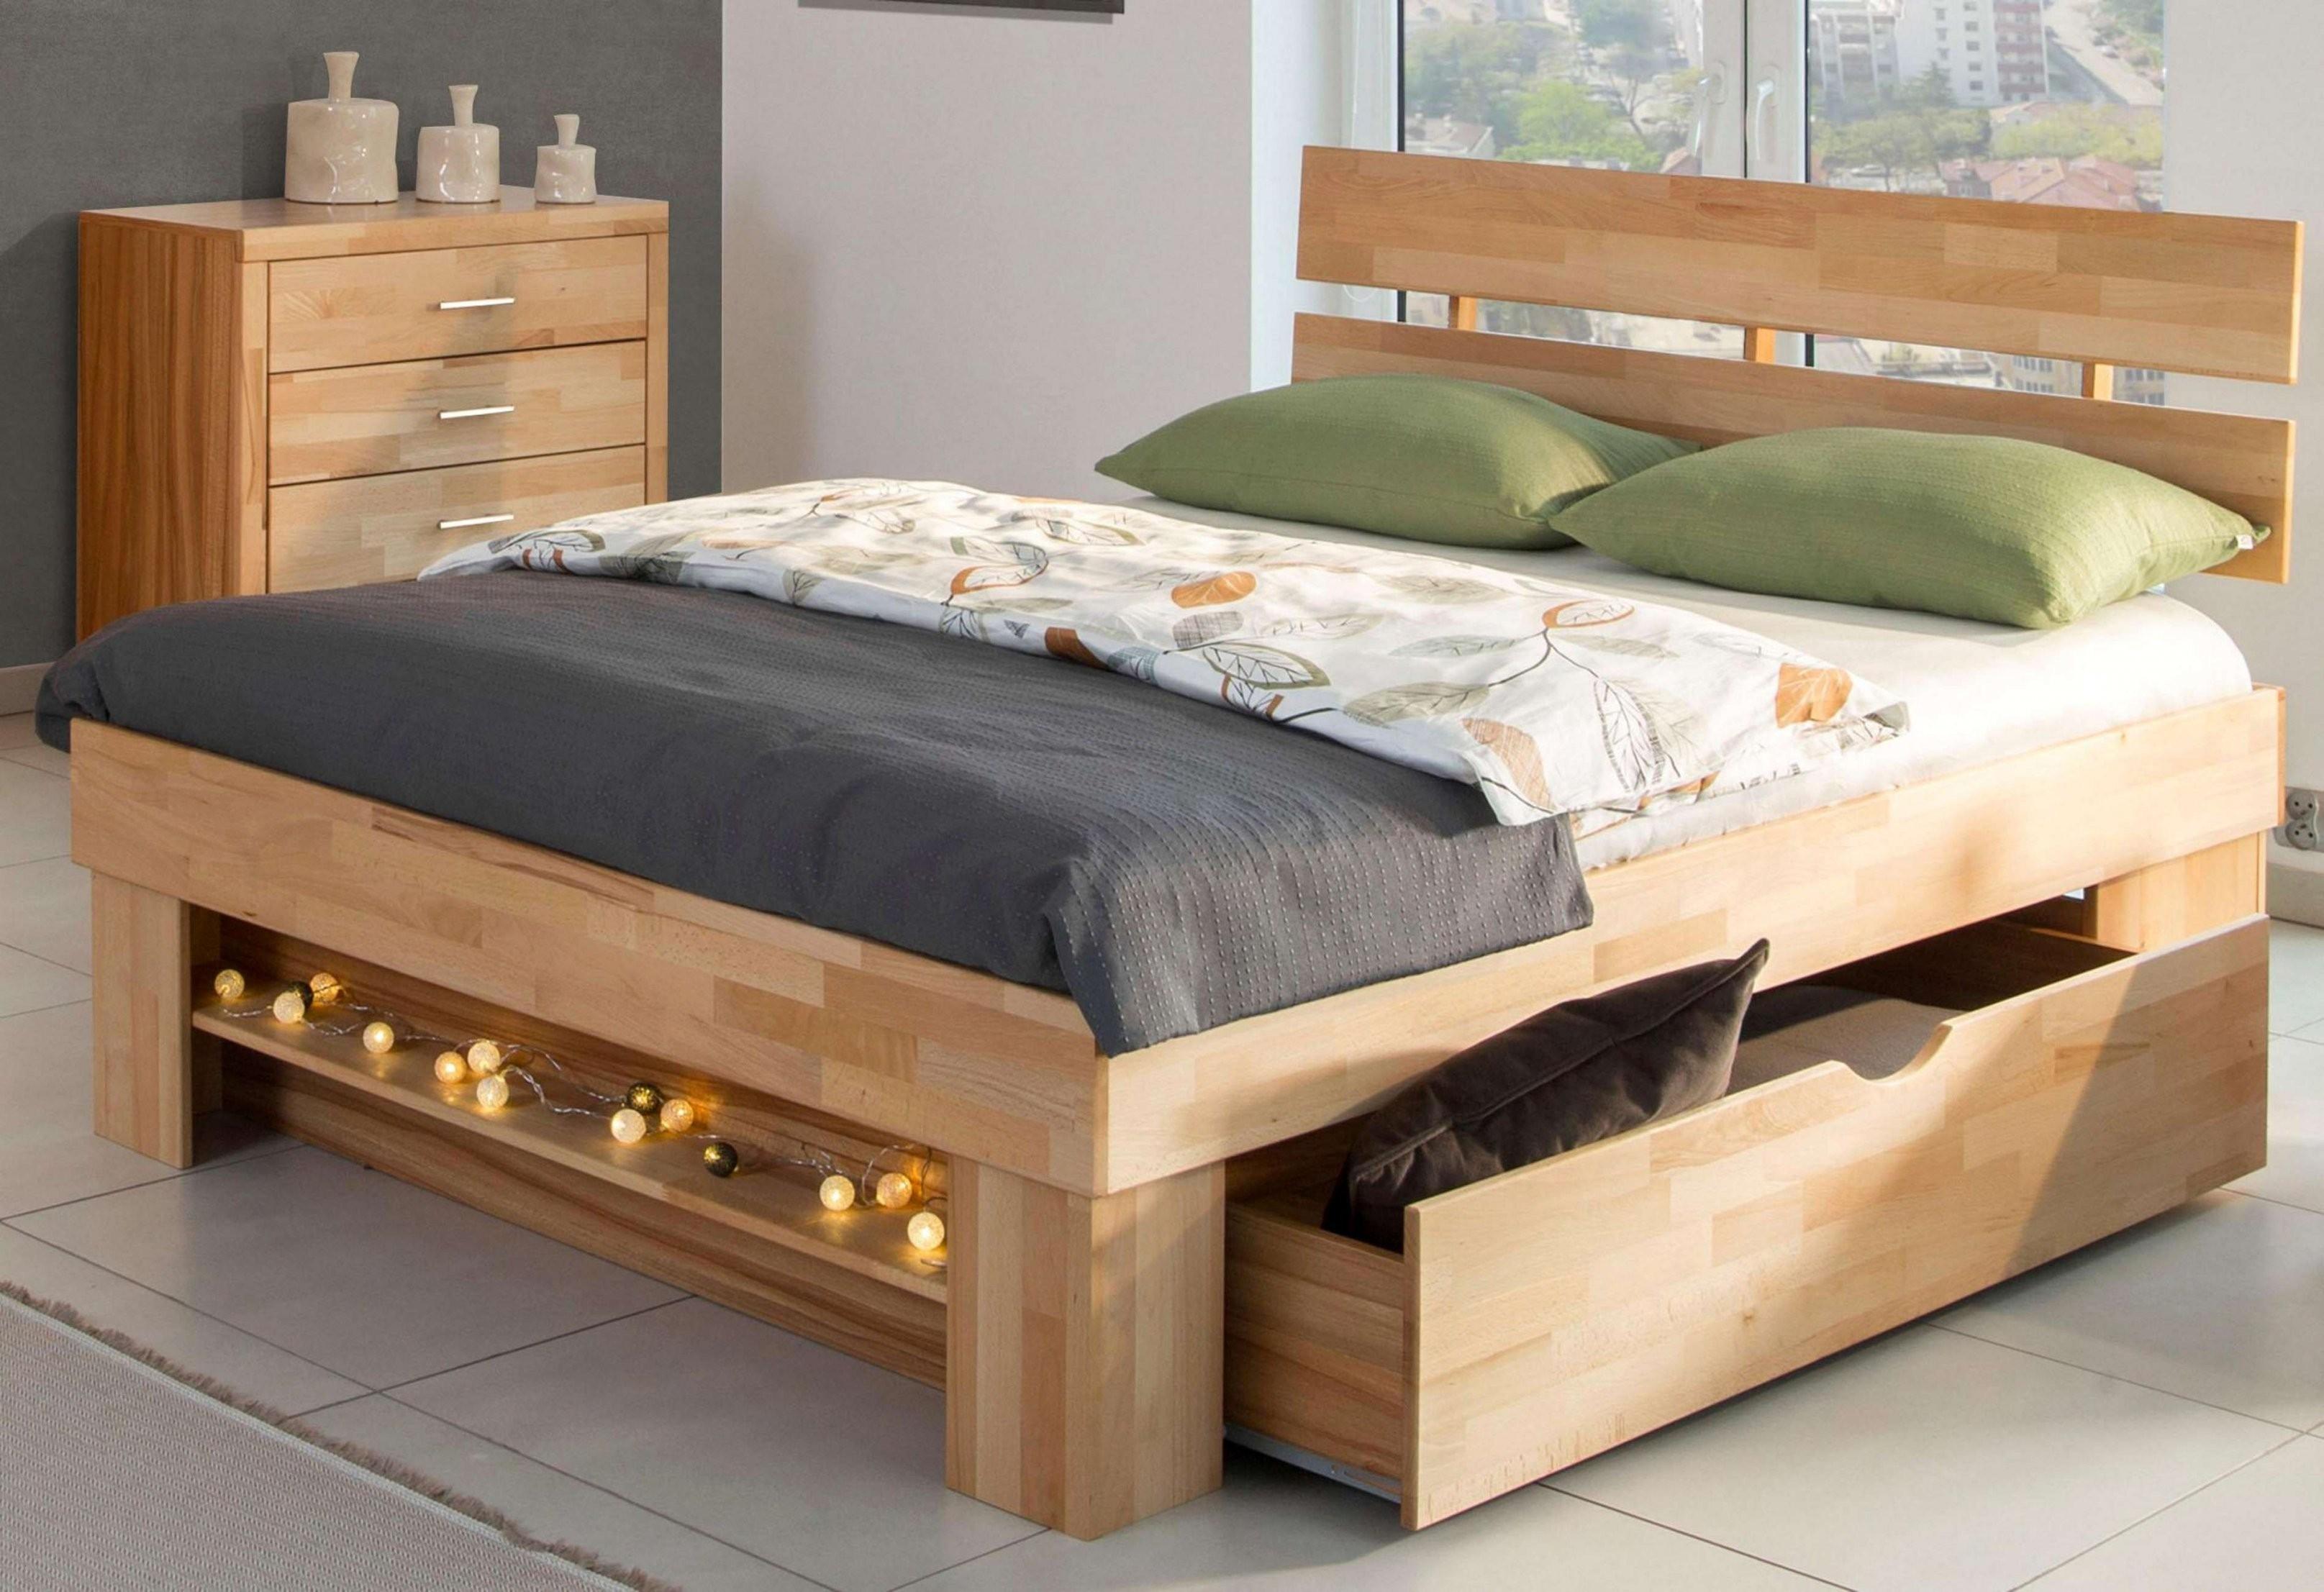 Stauraum Bett Elegant Stauraum Bett 50 Neu Bett 140X200 Mit Stauraum von Bett 140X200 Mit Stauraum Photo